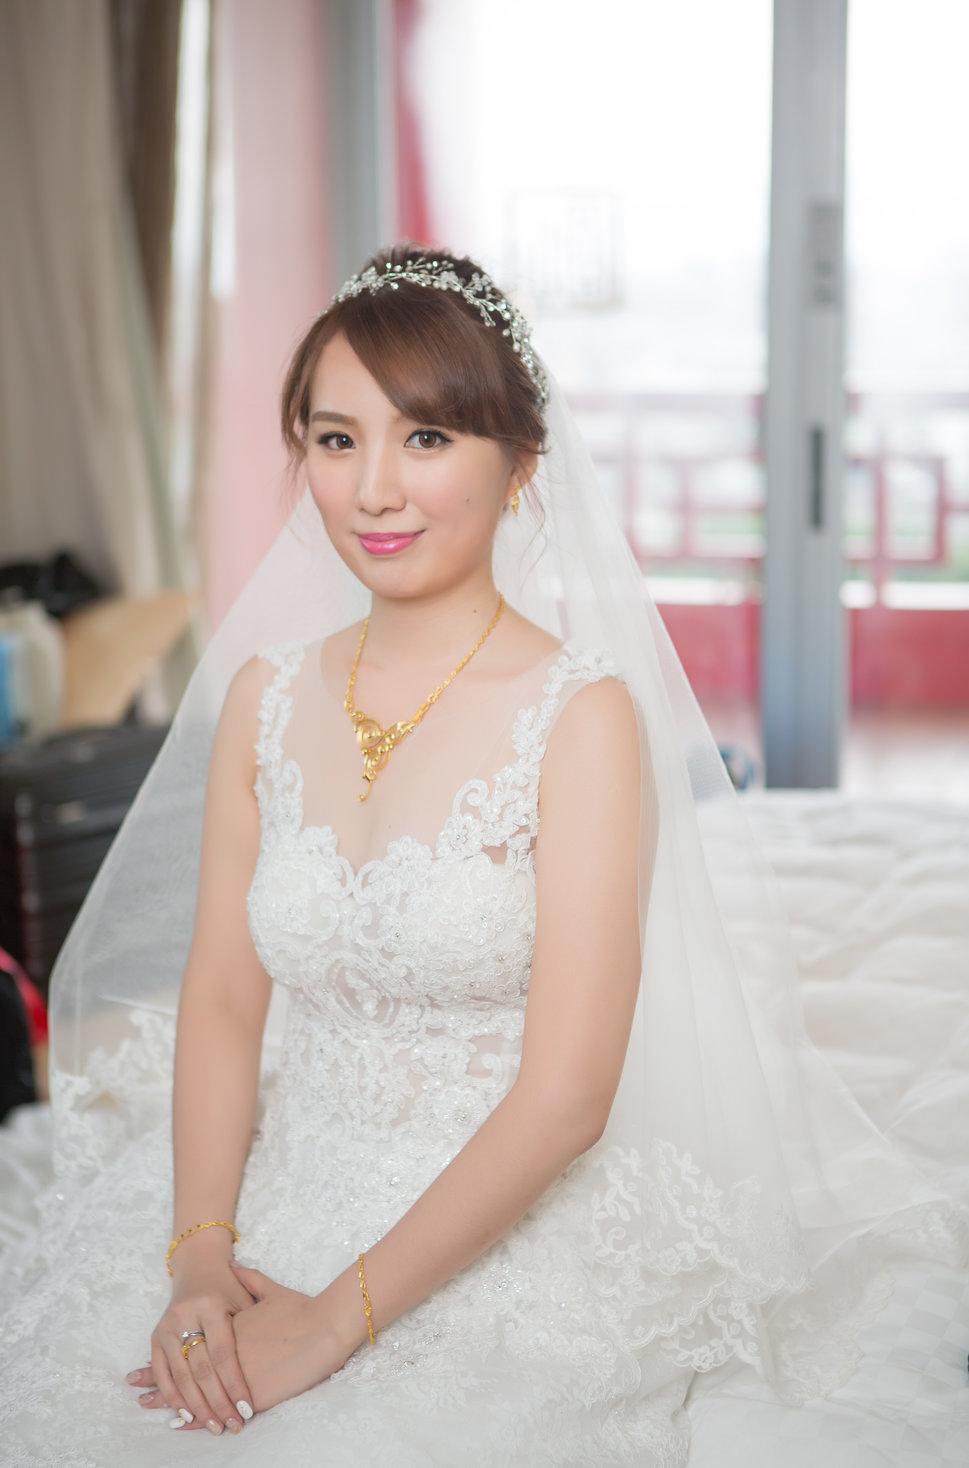 [台北婚攝] 文訂迎娶儀式@台北圓山大飯店(編號:431786) - LoveStoryAllen IMAGE - 結婚吧一站式婚禮服務平台